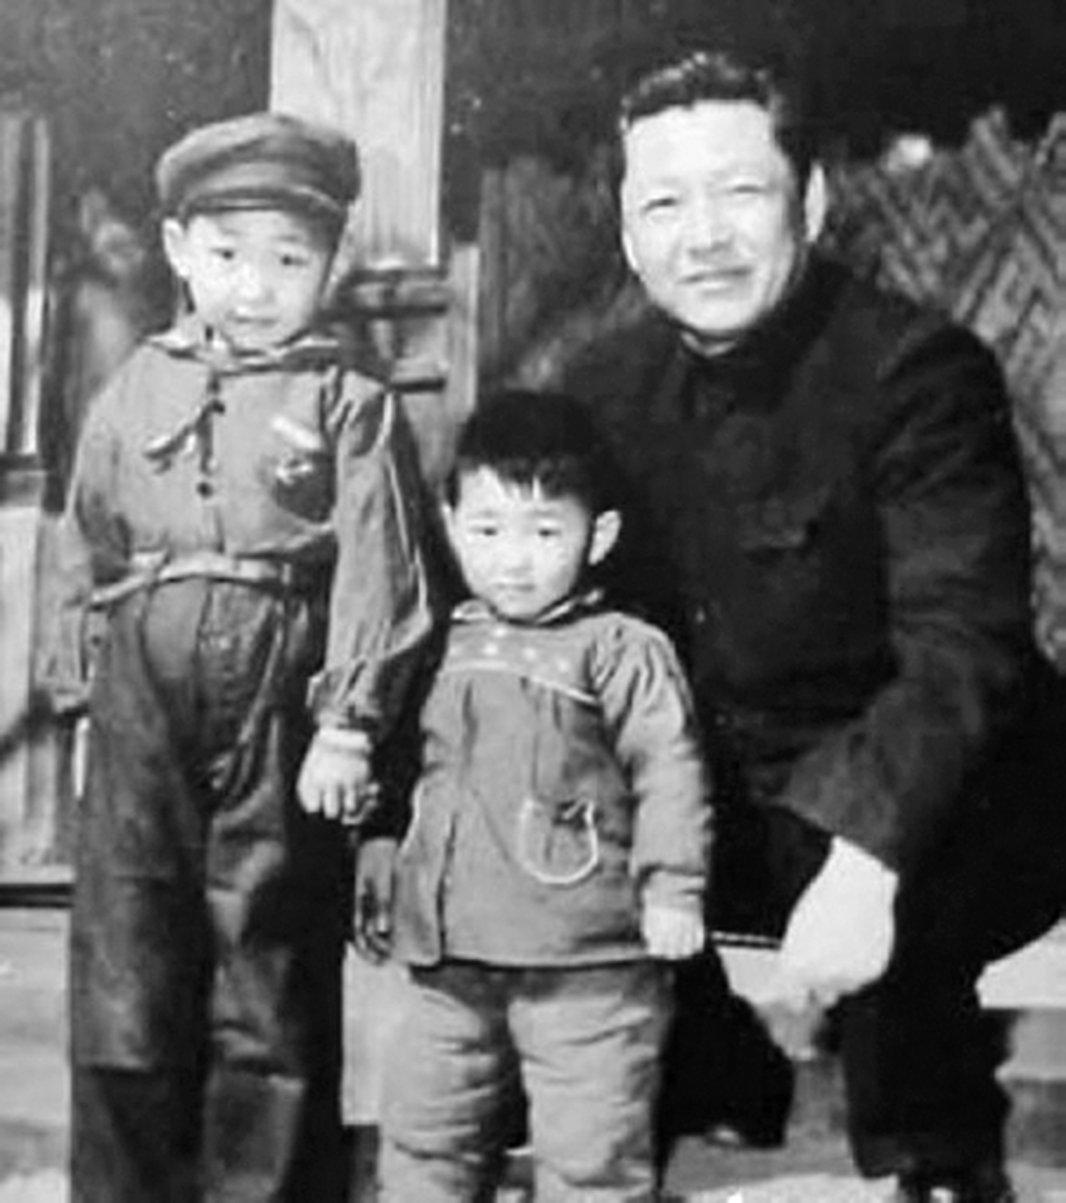 習近平(左)、習近平的弟弟習遠平(中)與父親習仲勳的合影。(網絡圖片)